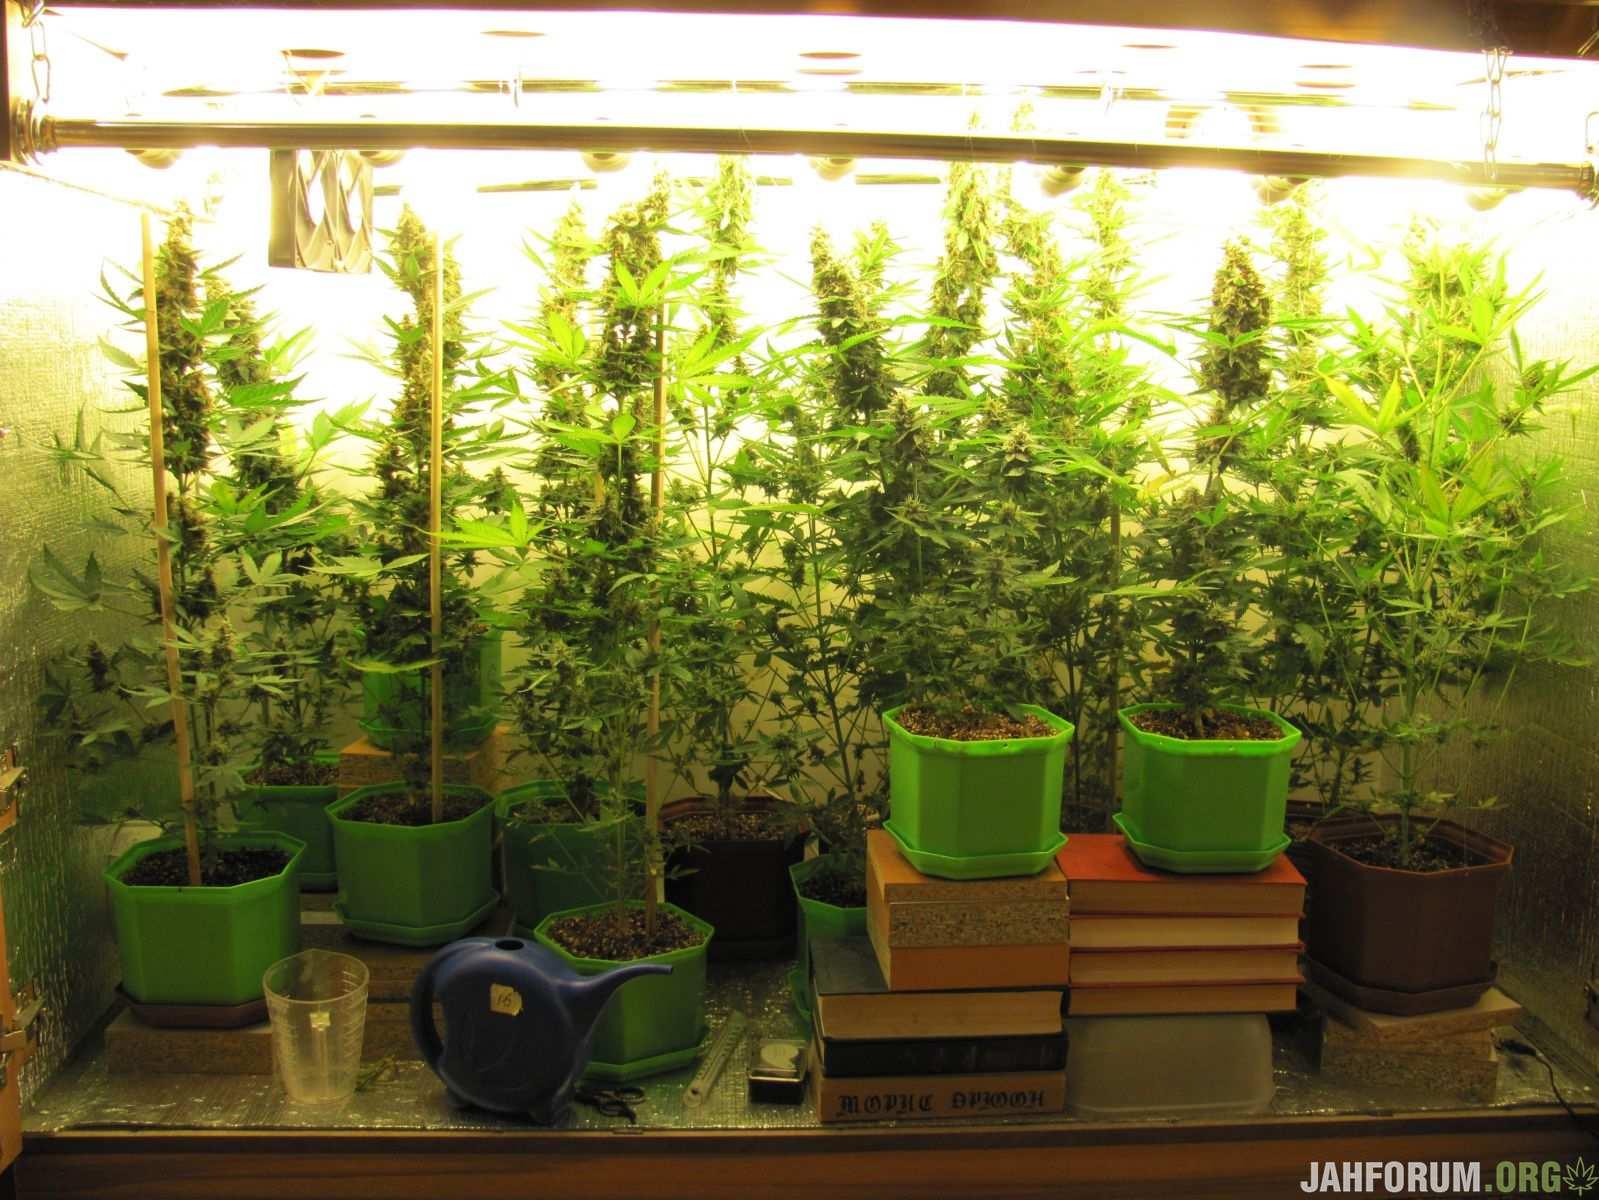 Выращивание марихуаны в гроубоксе как получить разрешение на курение марихуаны